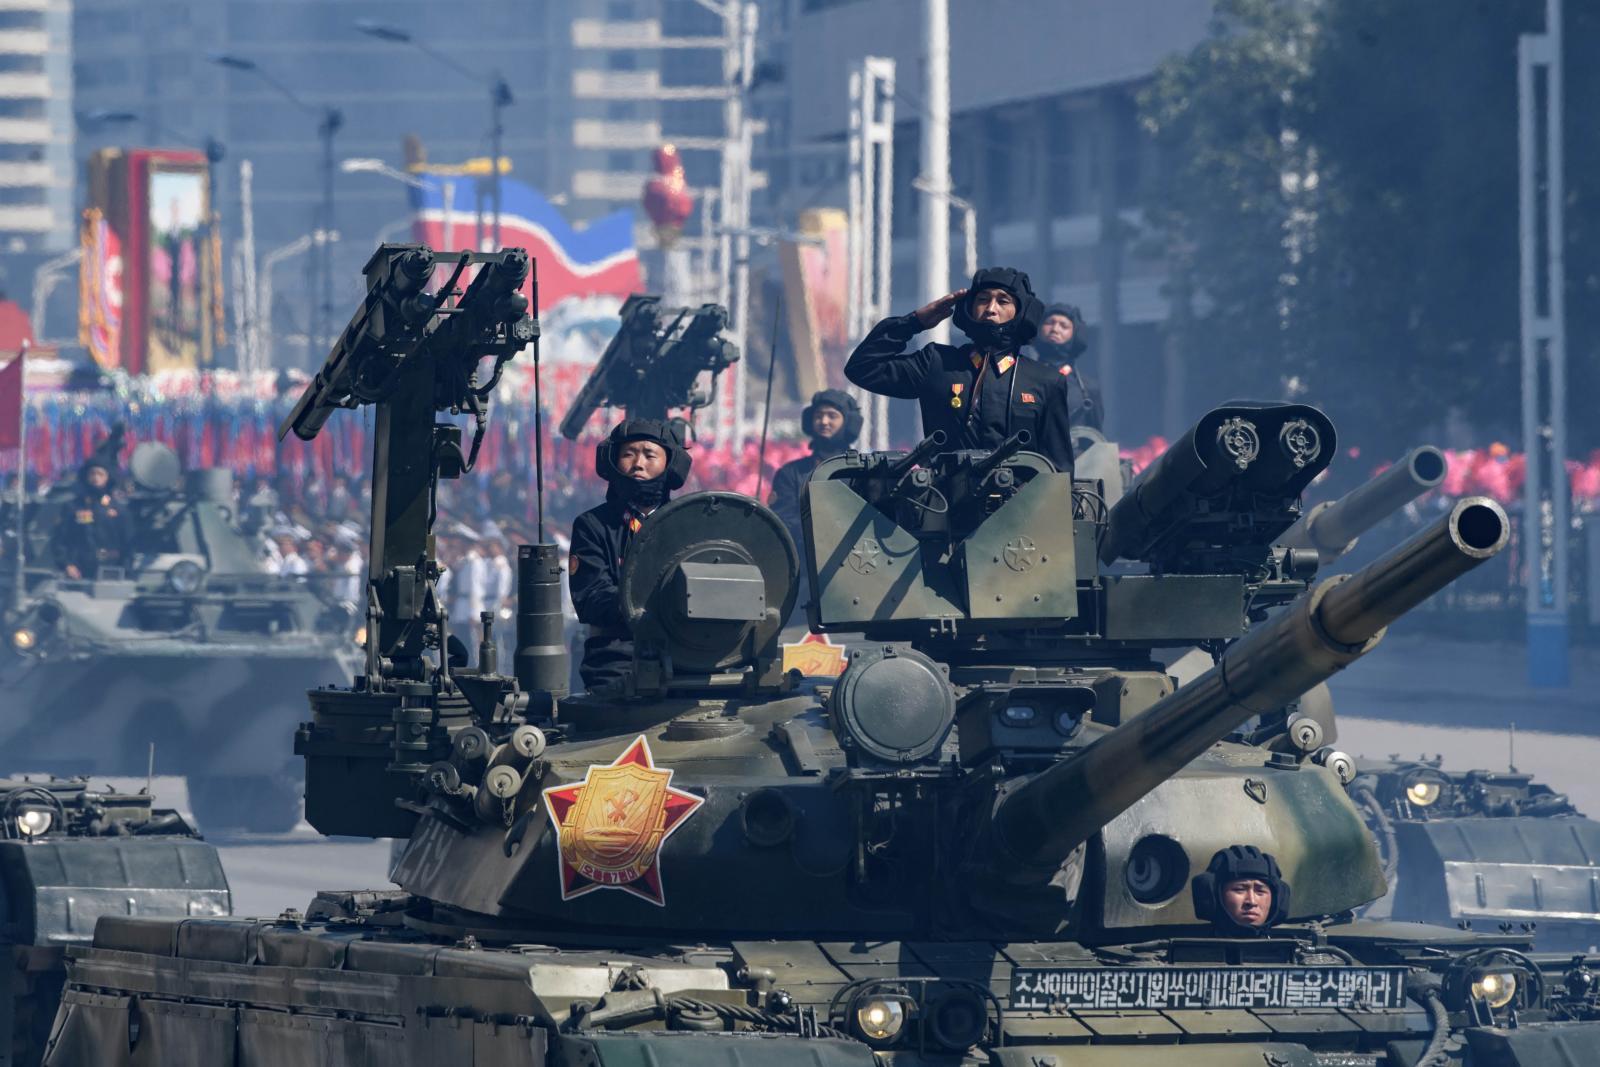 โสมแดงไม่โชว์ขีปนาวุธข้ามทวีปในพิธีฉลองก่อตั้งประเทศ